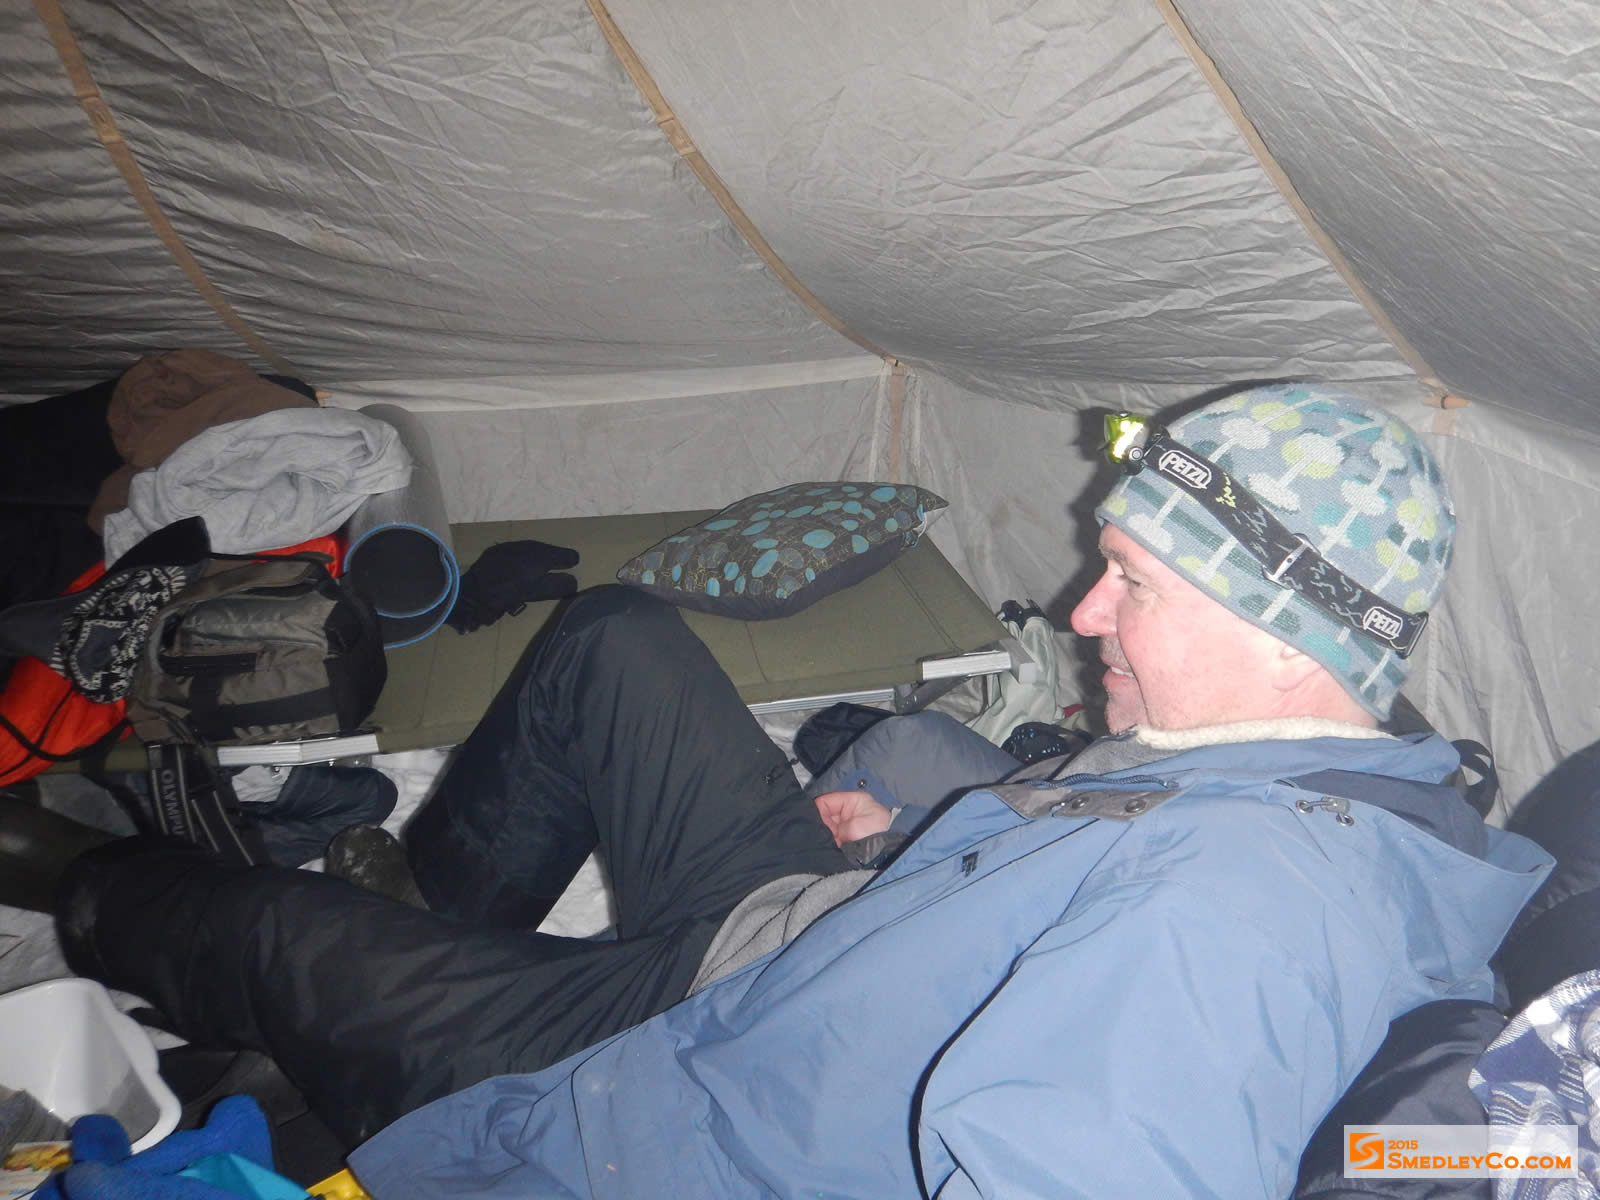 Trip Log 033 - Winter Camping 2015 :: SmedleyCo.com